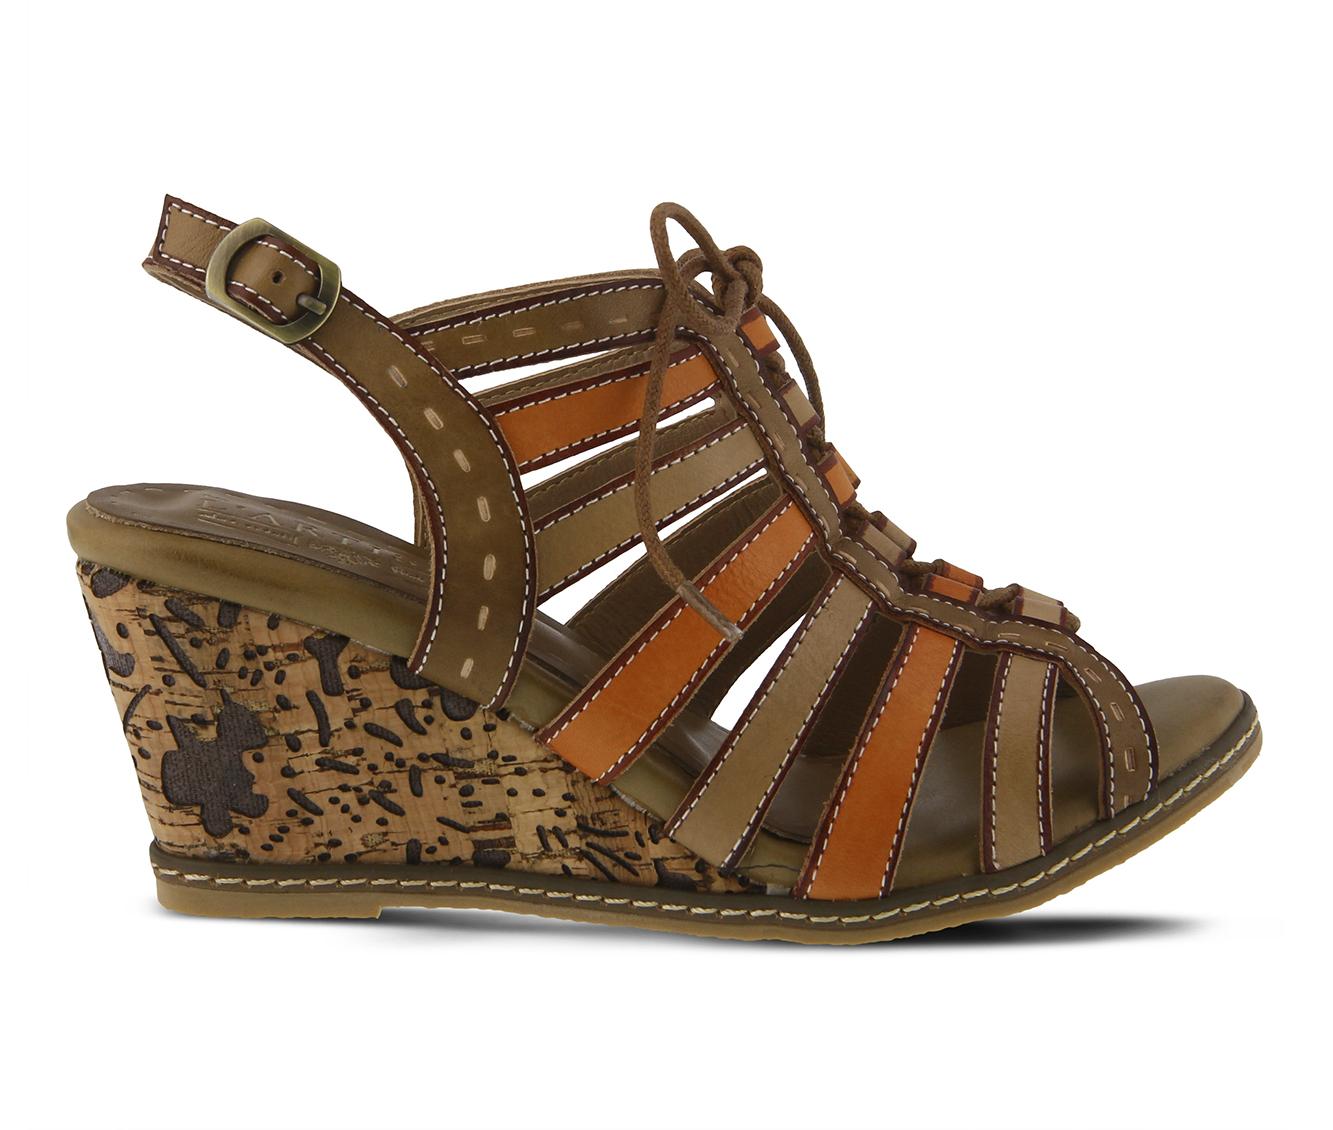 L'Artiste Quinne Women's Dress Shoe (Beige Leather)